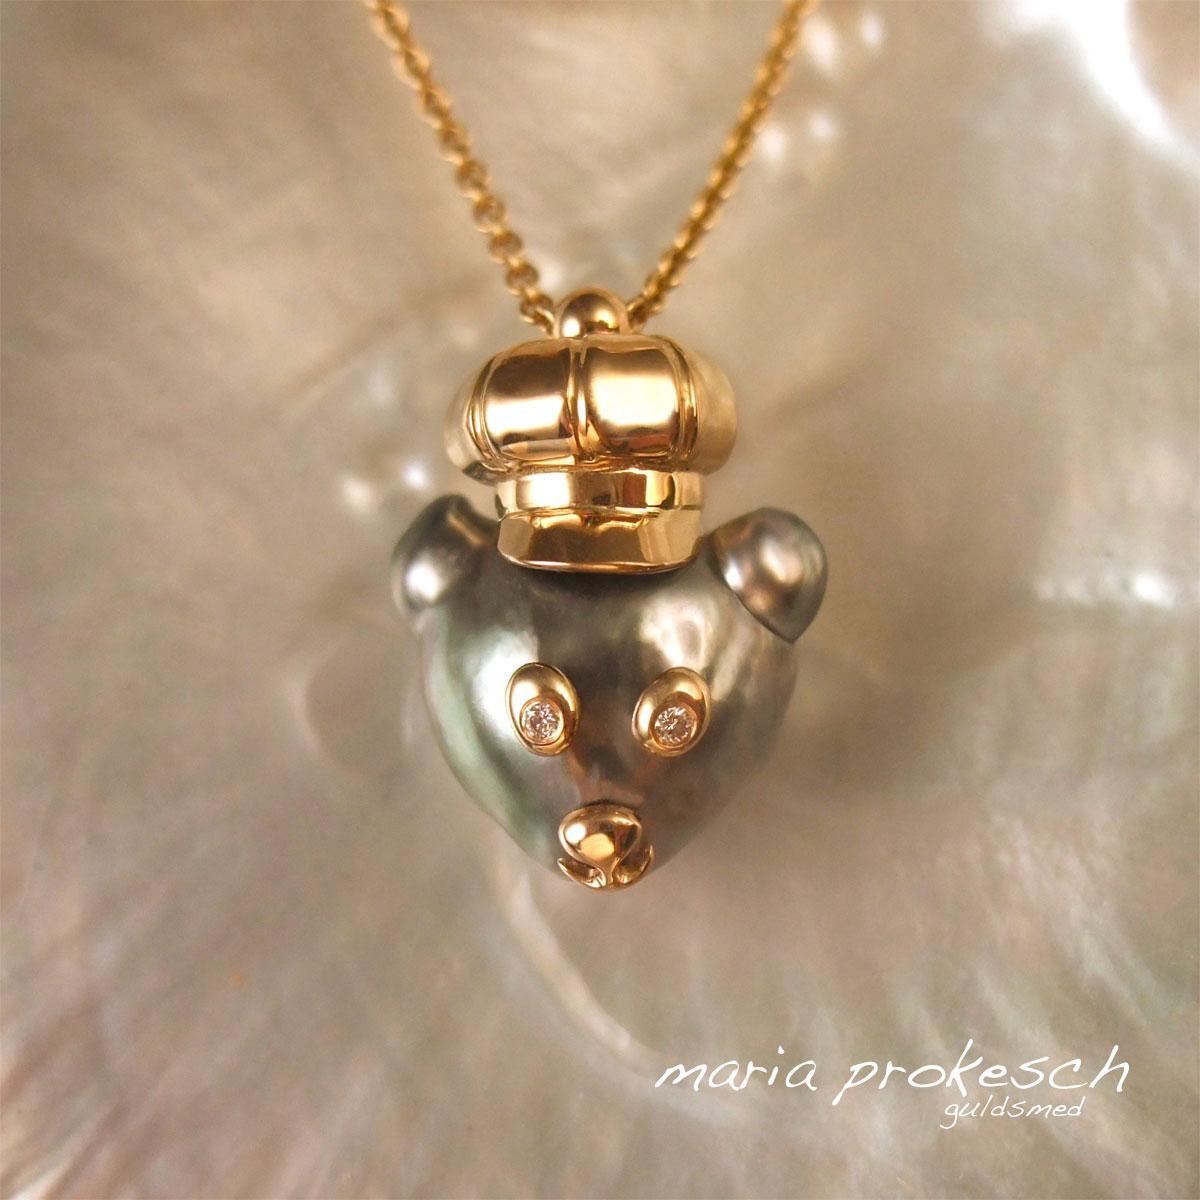 Guldvedhæng med barok Tahitiperle. Pyntet med guld ligner perlen en bjørn. Guldkasket, Ballonmütze, i specielt design.